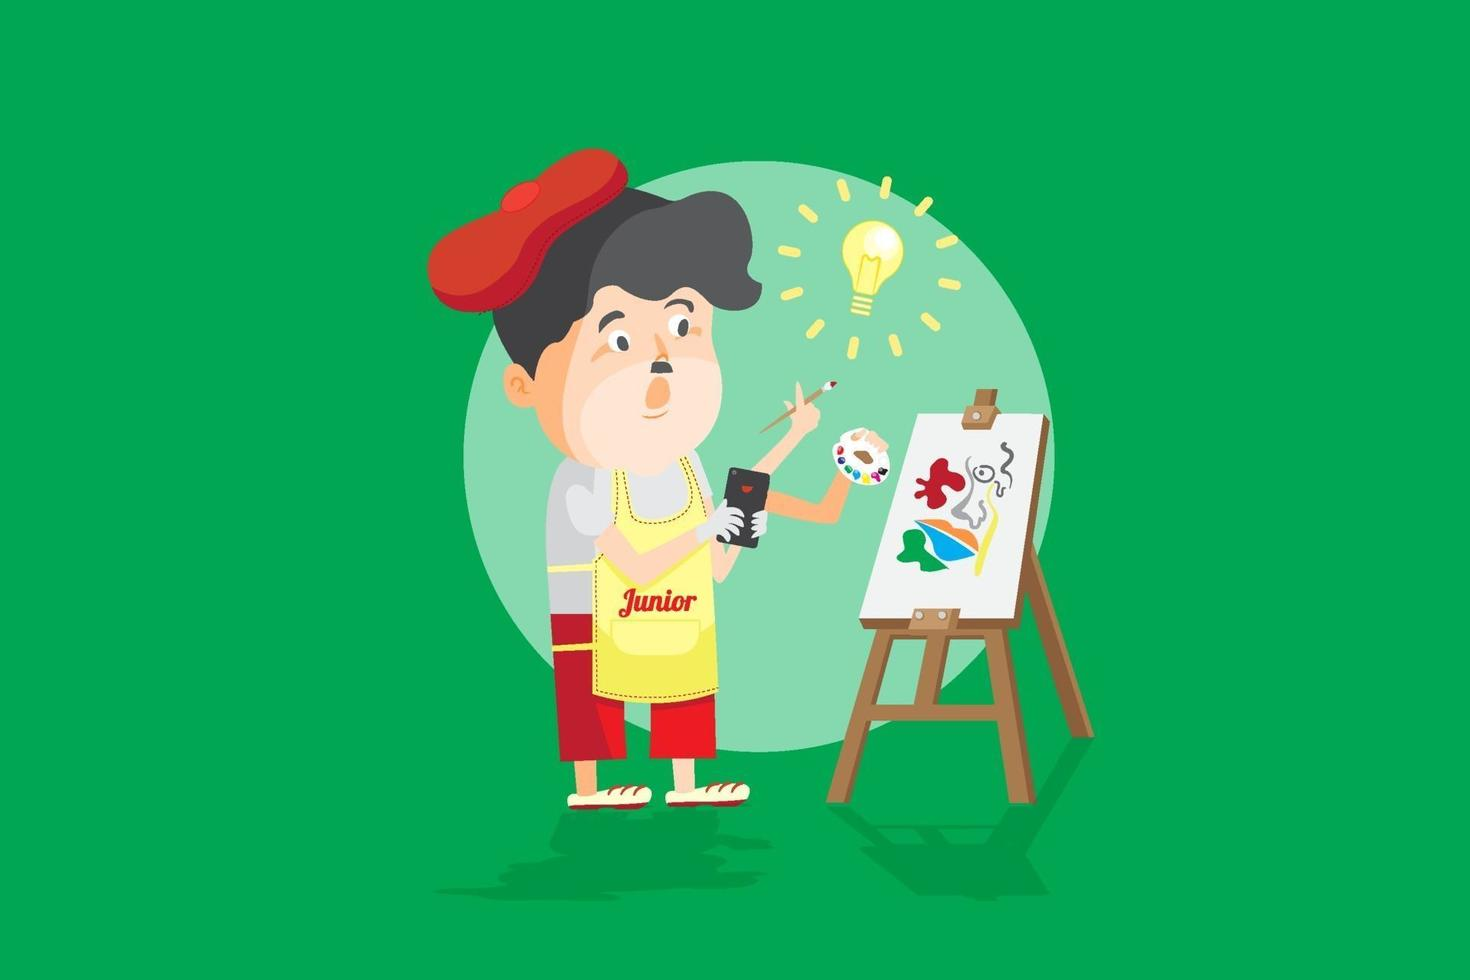 amatör konstnär lärande form online lektion i smartphone, studera i konst klass online streaming, som ansikte mot ansikte utbildning tecknad platt vektorillustration. vektor